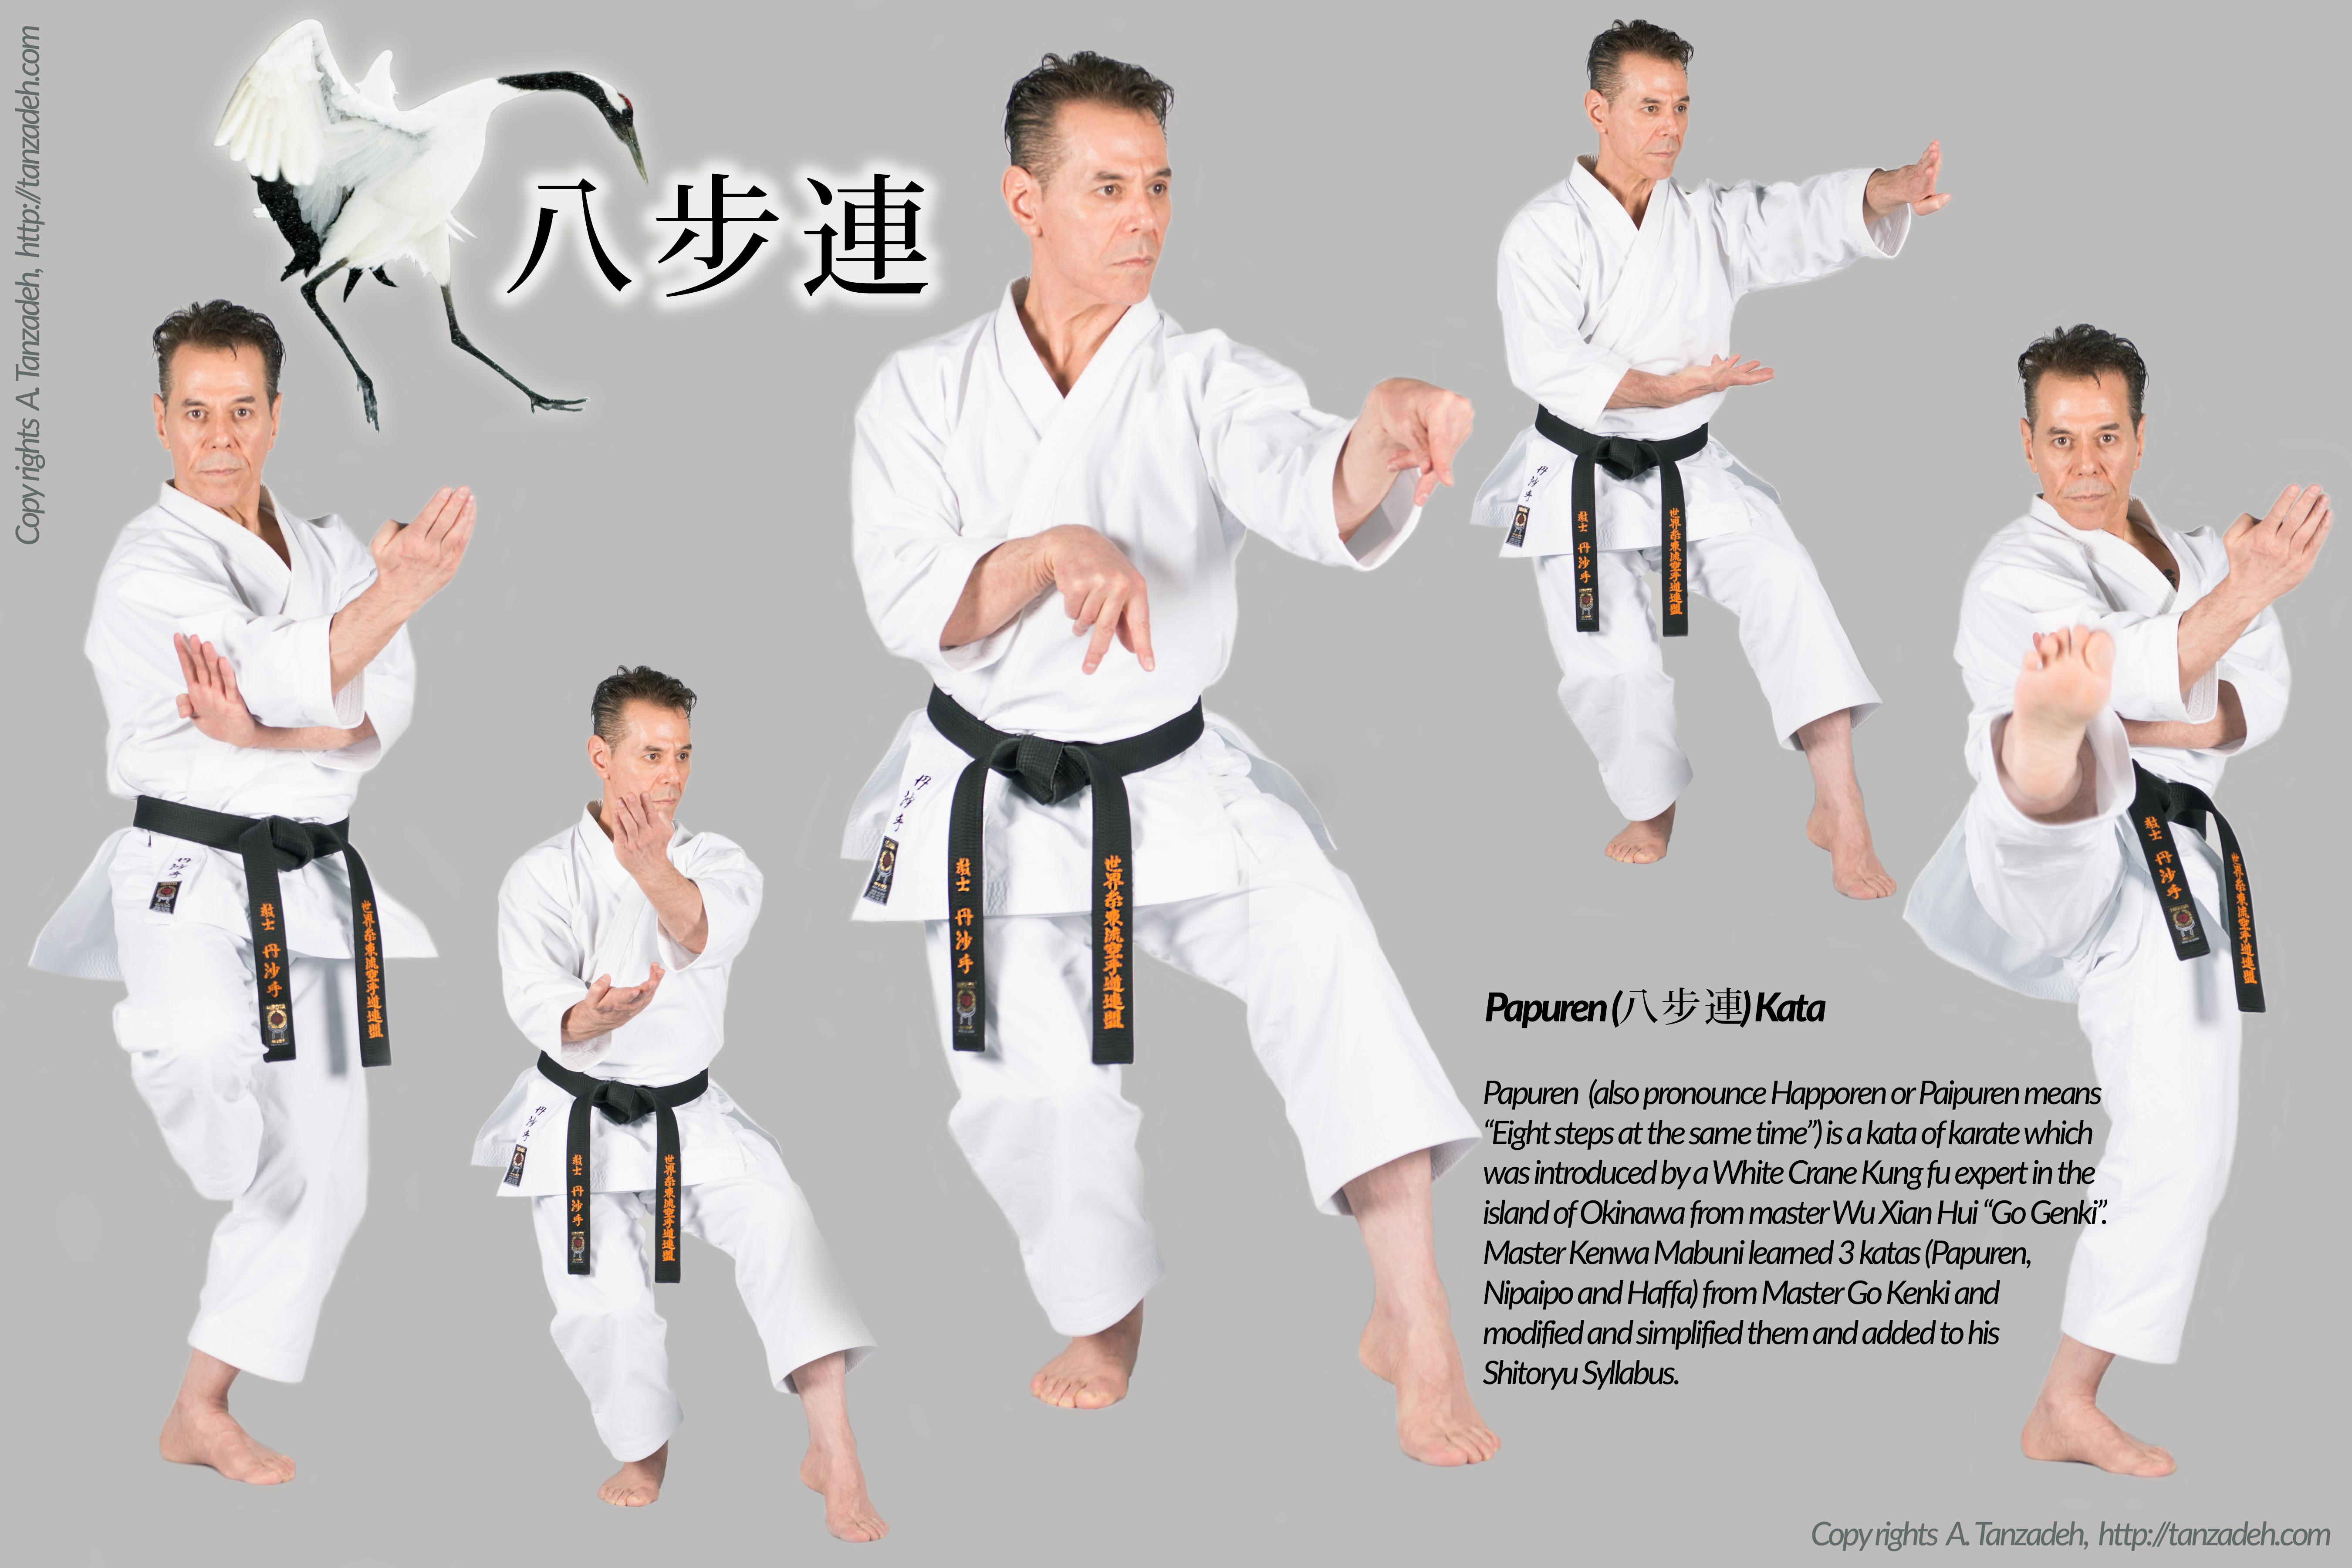 Kyoshi-Tanzadeh-Papuren-Kata-Shitoryu-Karate-8th-Dan